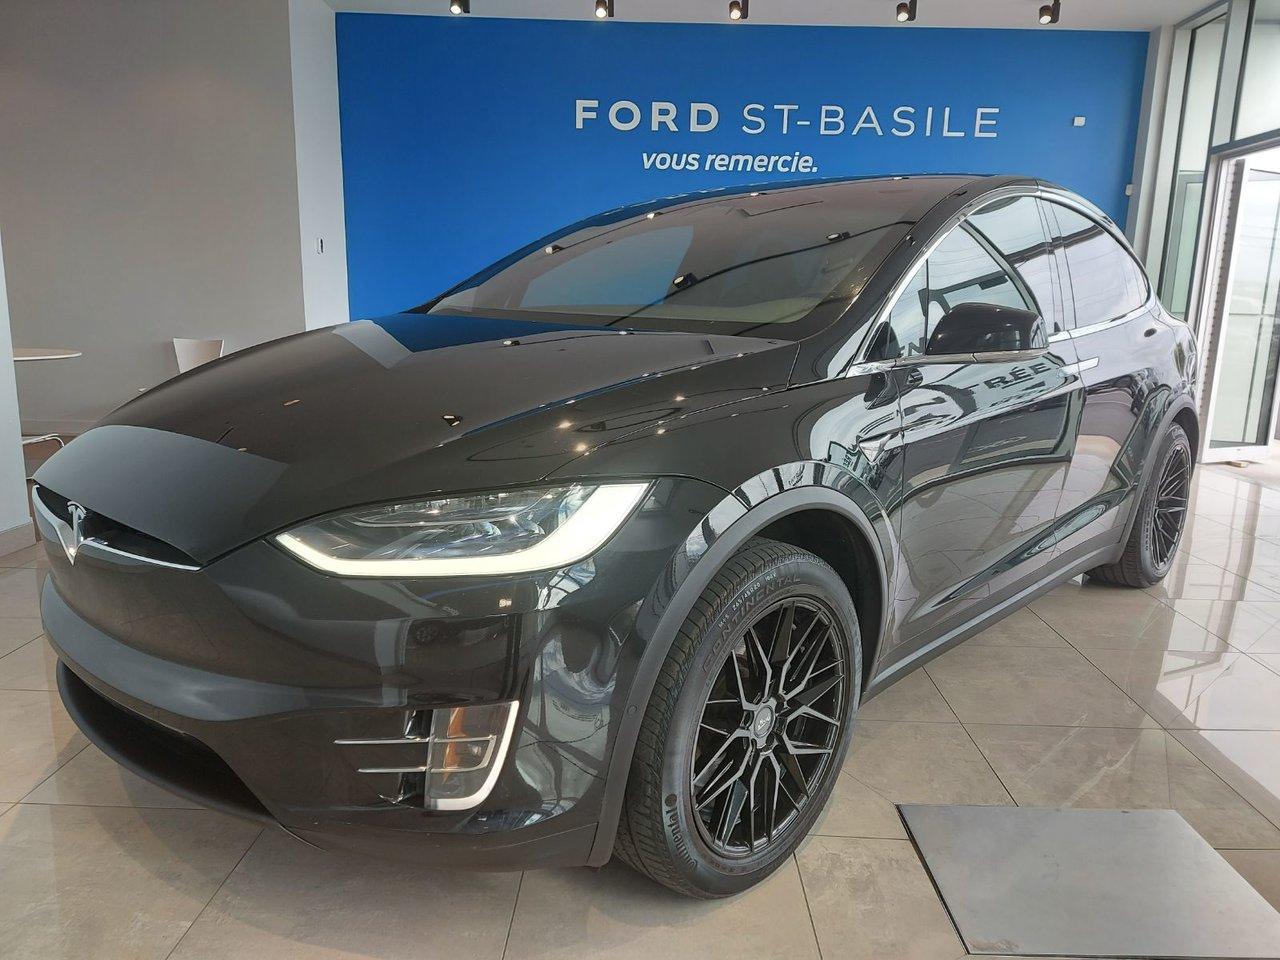 2018 Tesla Model X 75D  LONG RANG  AUTO PILOT  OPTION MAGS +CARB